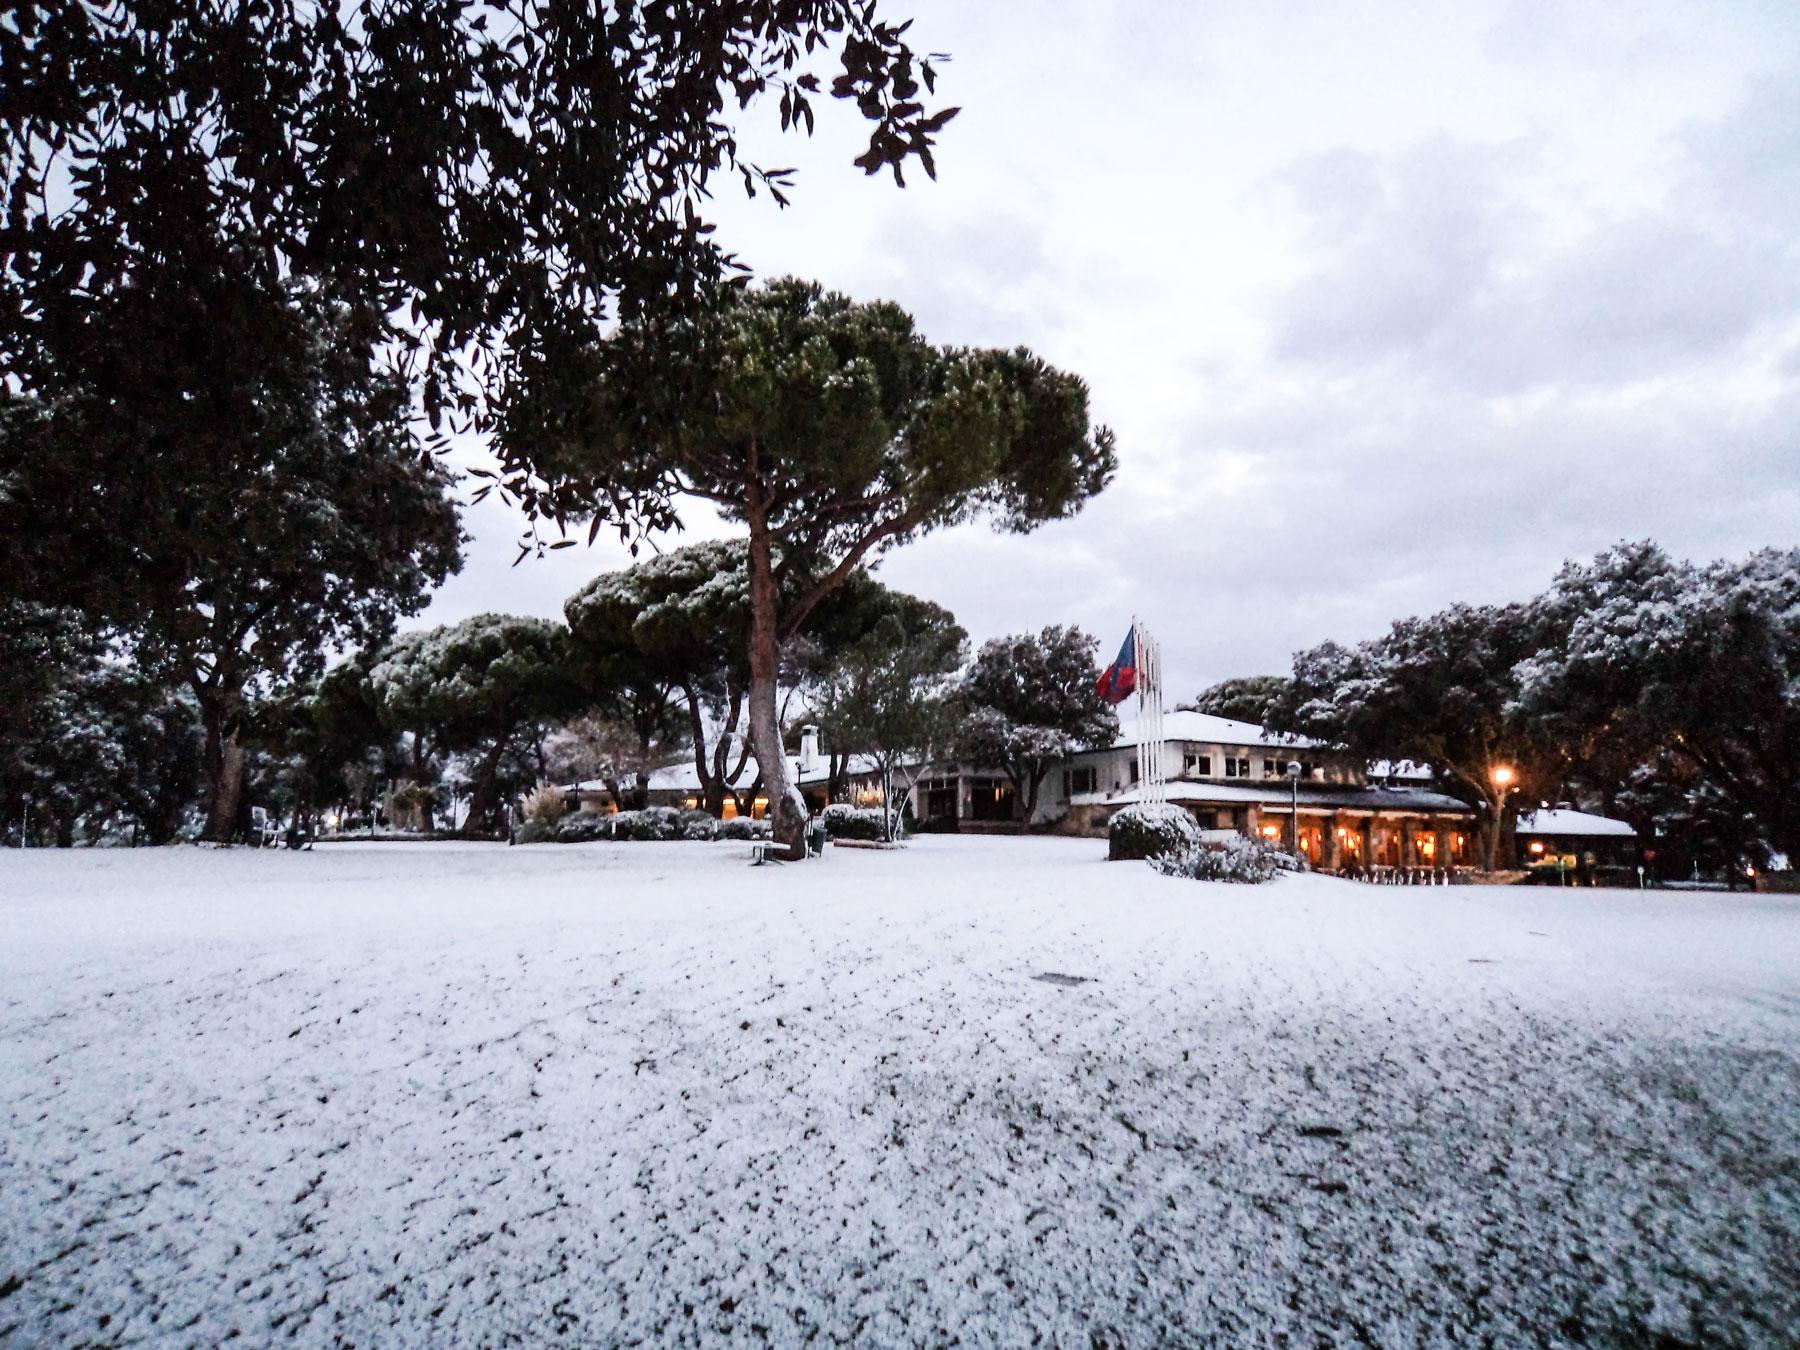 Imagen del Club nevado.